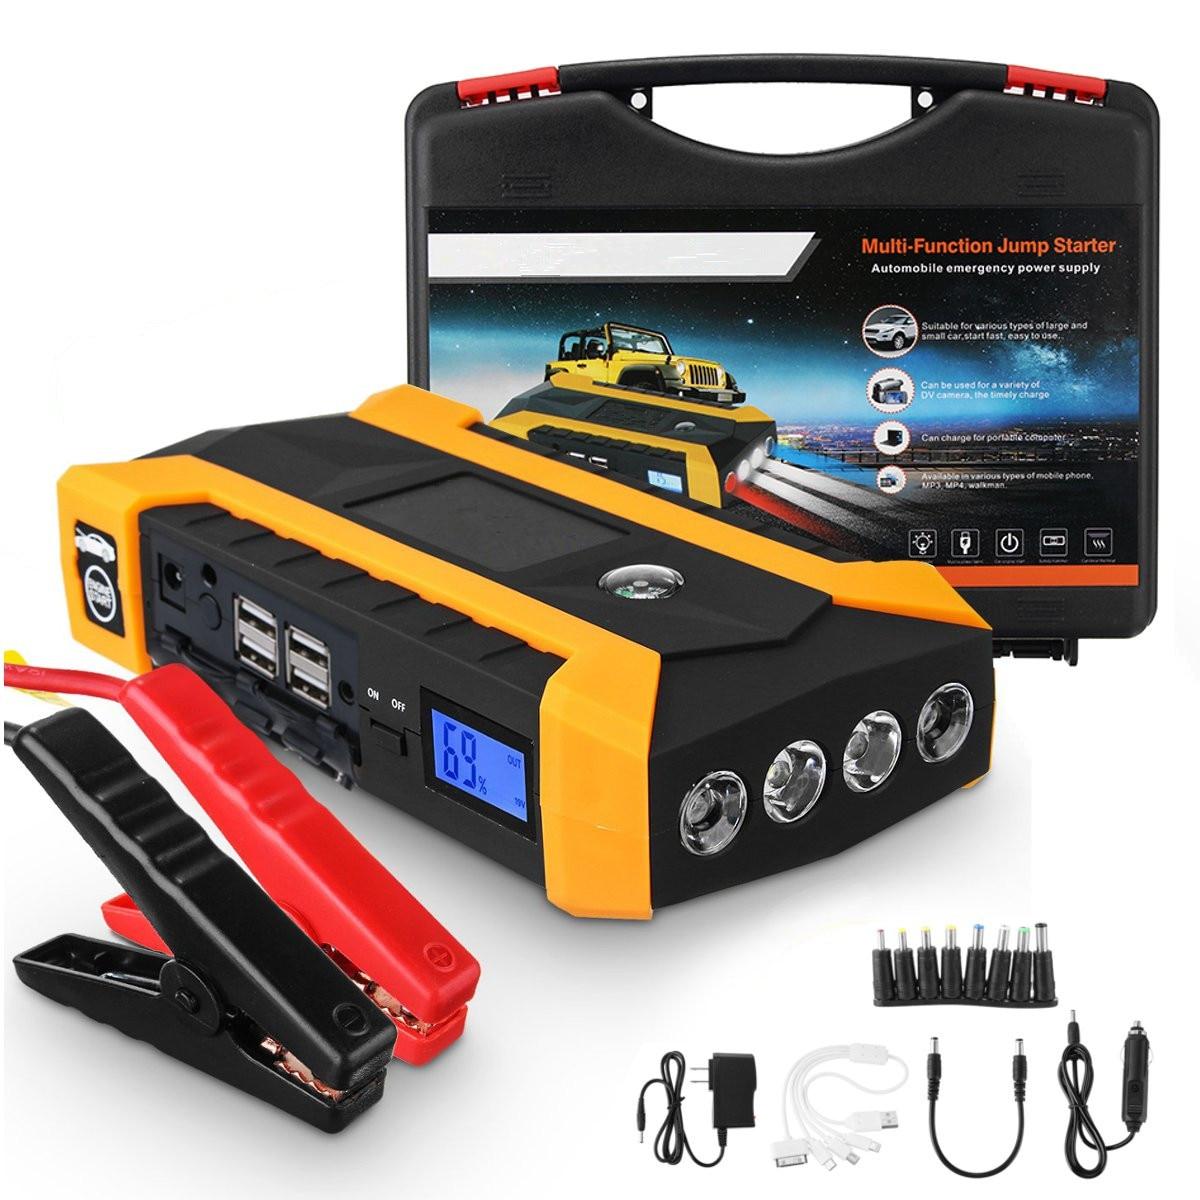 Multifonction Jump Starter 89800 mAh 12 V 4USB 600A Portable amplificateur de batterie De Voiture Chargeur Booster batterie externe Dispositif de Démarrage